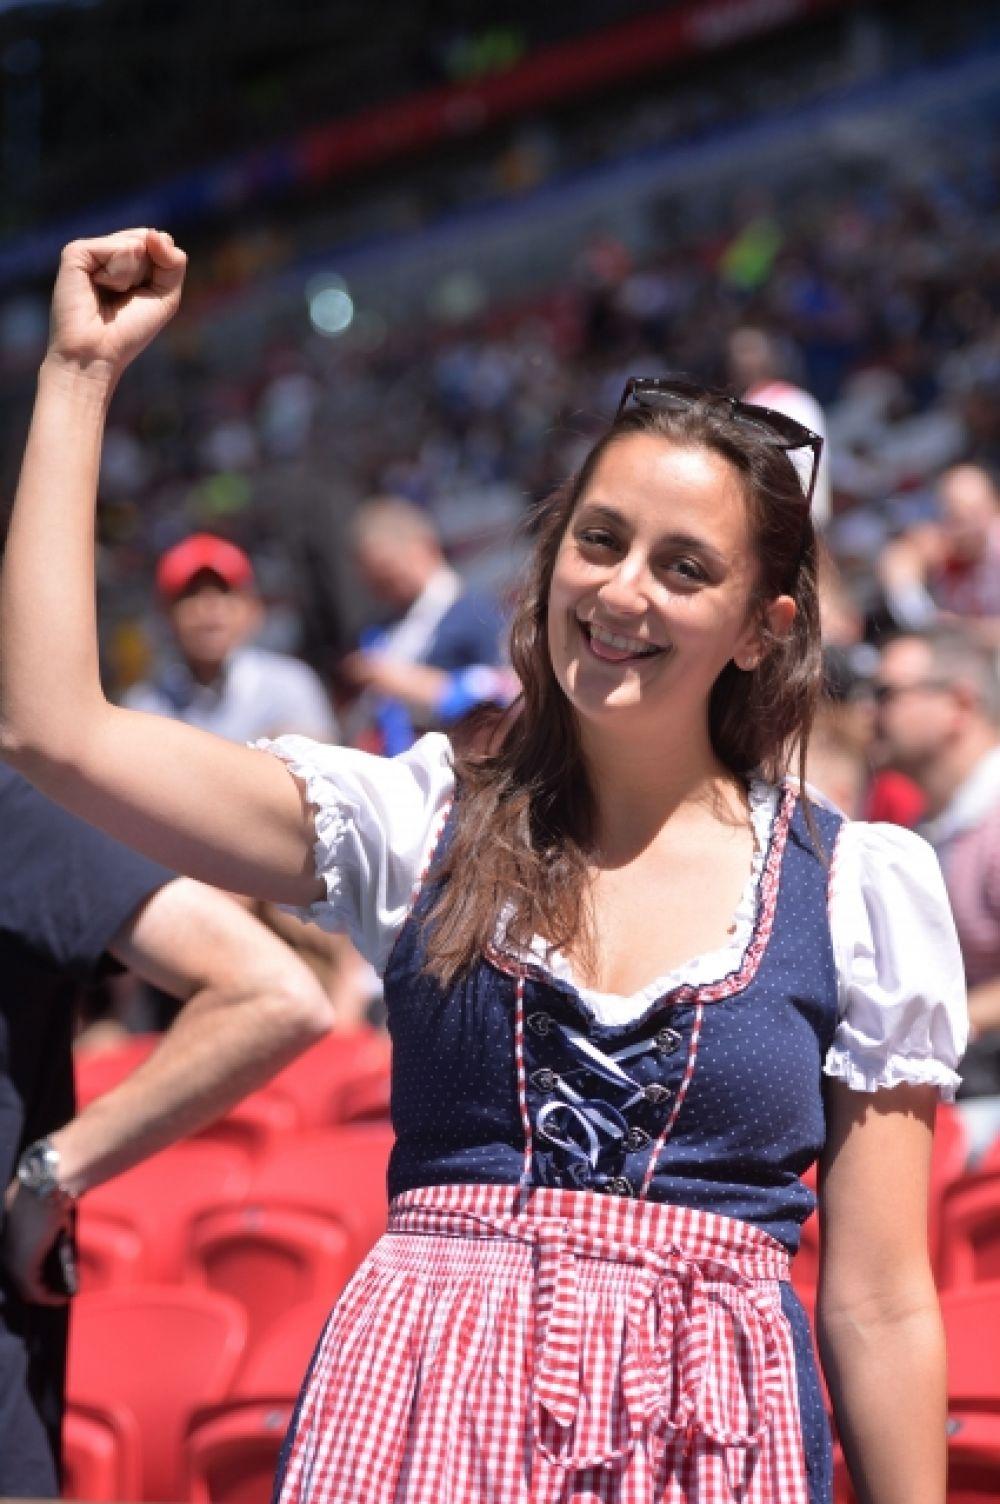 Болельщица в традиционном французском наряде.